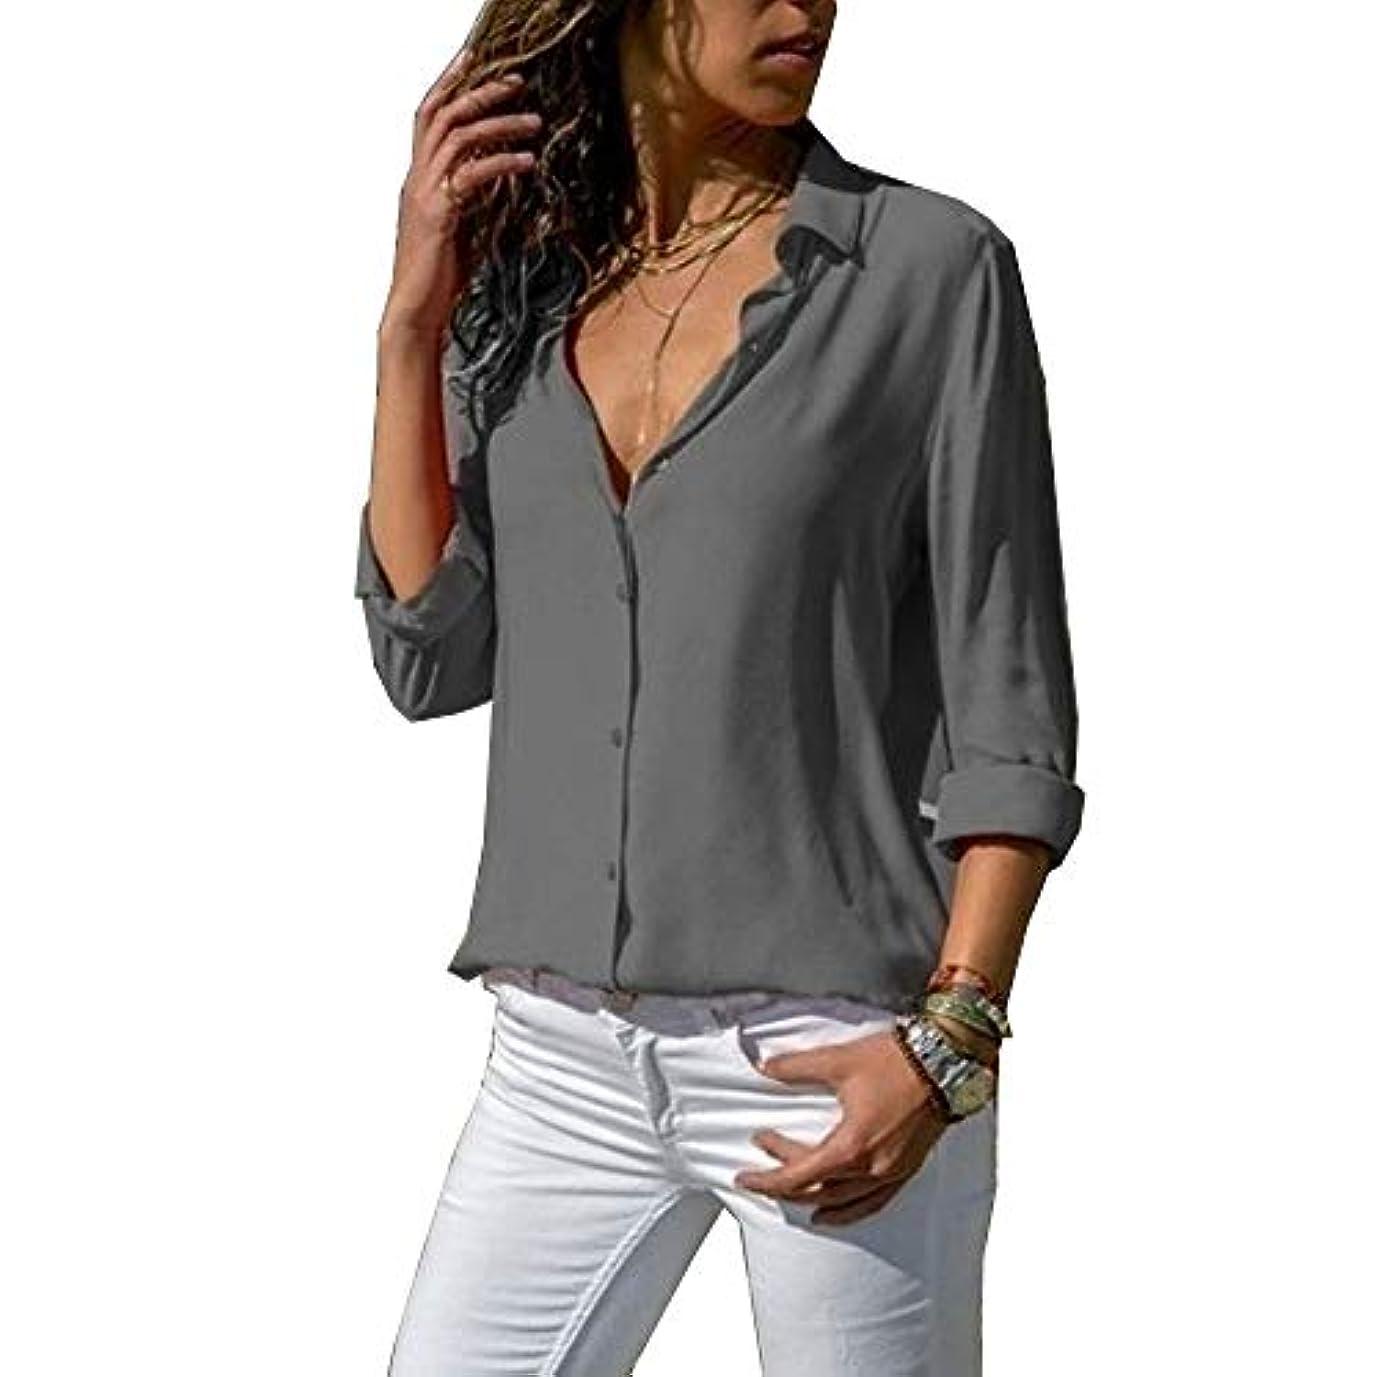 期限切れキリマンジャロ安全でないMIFAN ルーズシャツ、トップス&Tシャツ、プラスサイズ、トップス&ブラウス、シフォンブラウス、女性トップス、シフォンシャツ